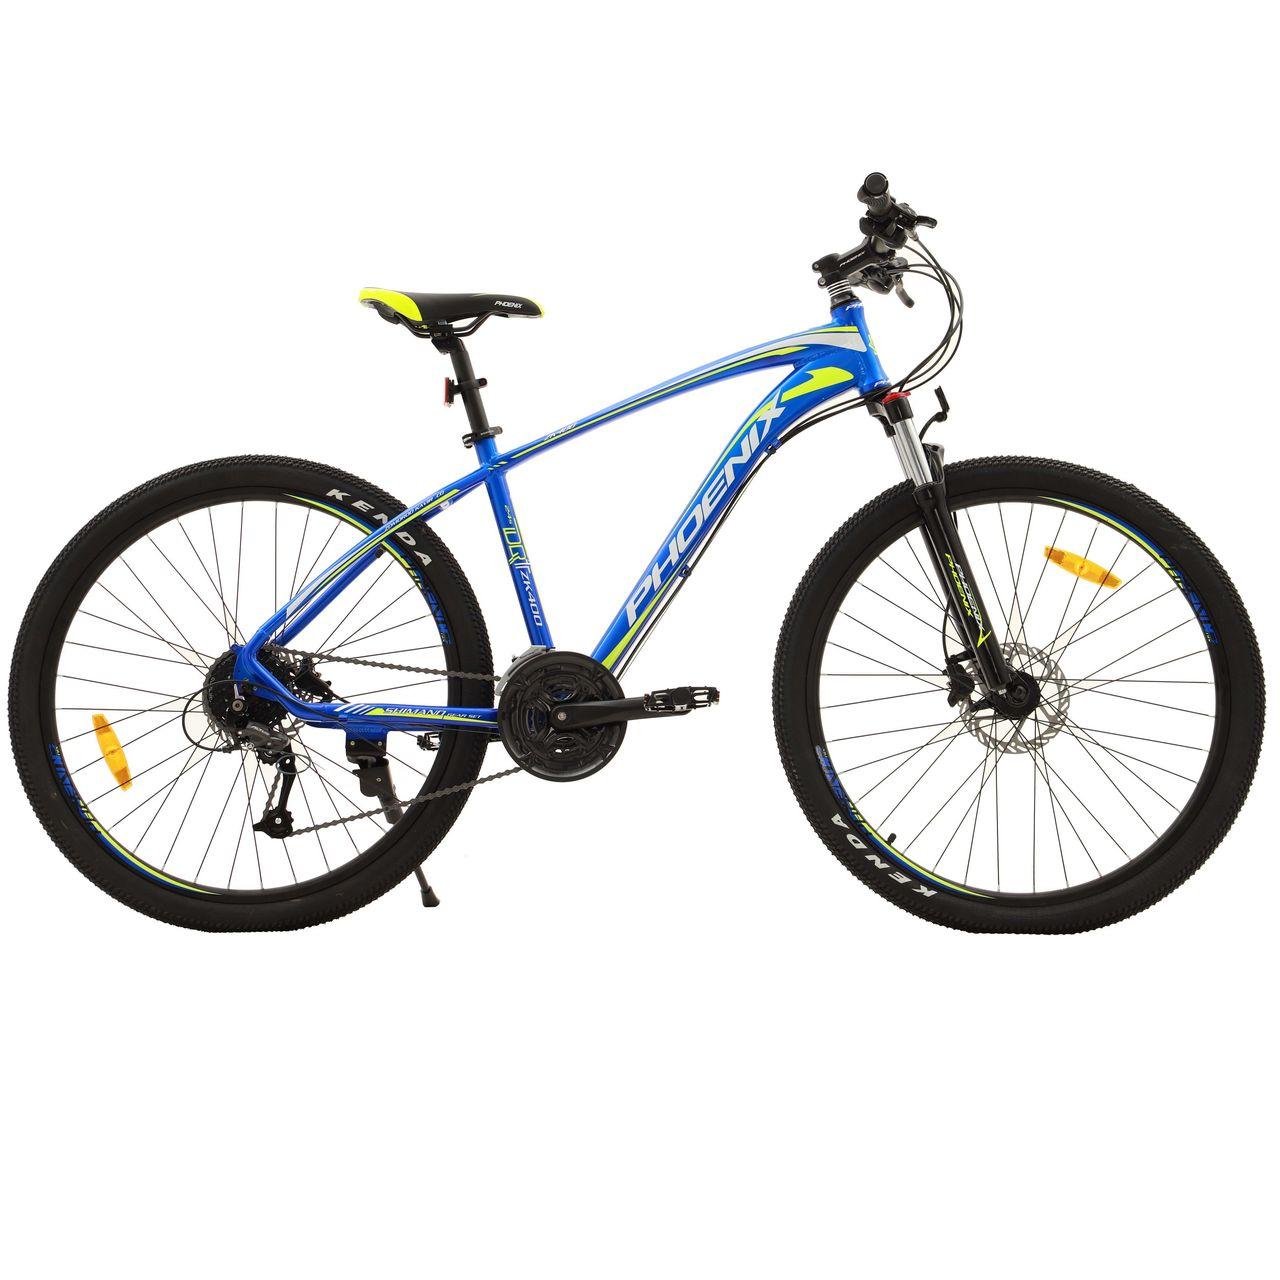 دوچرخه کوهستان فونیکس مدل ZK400 سایز 27.5